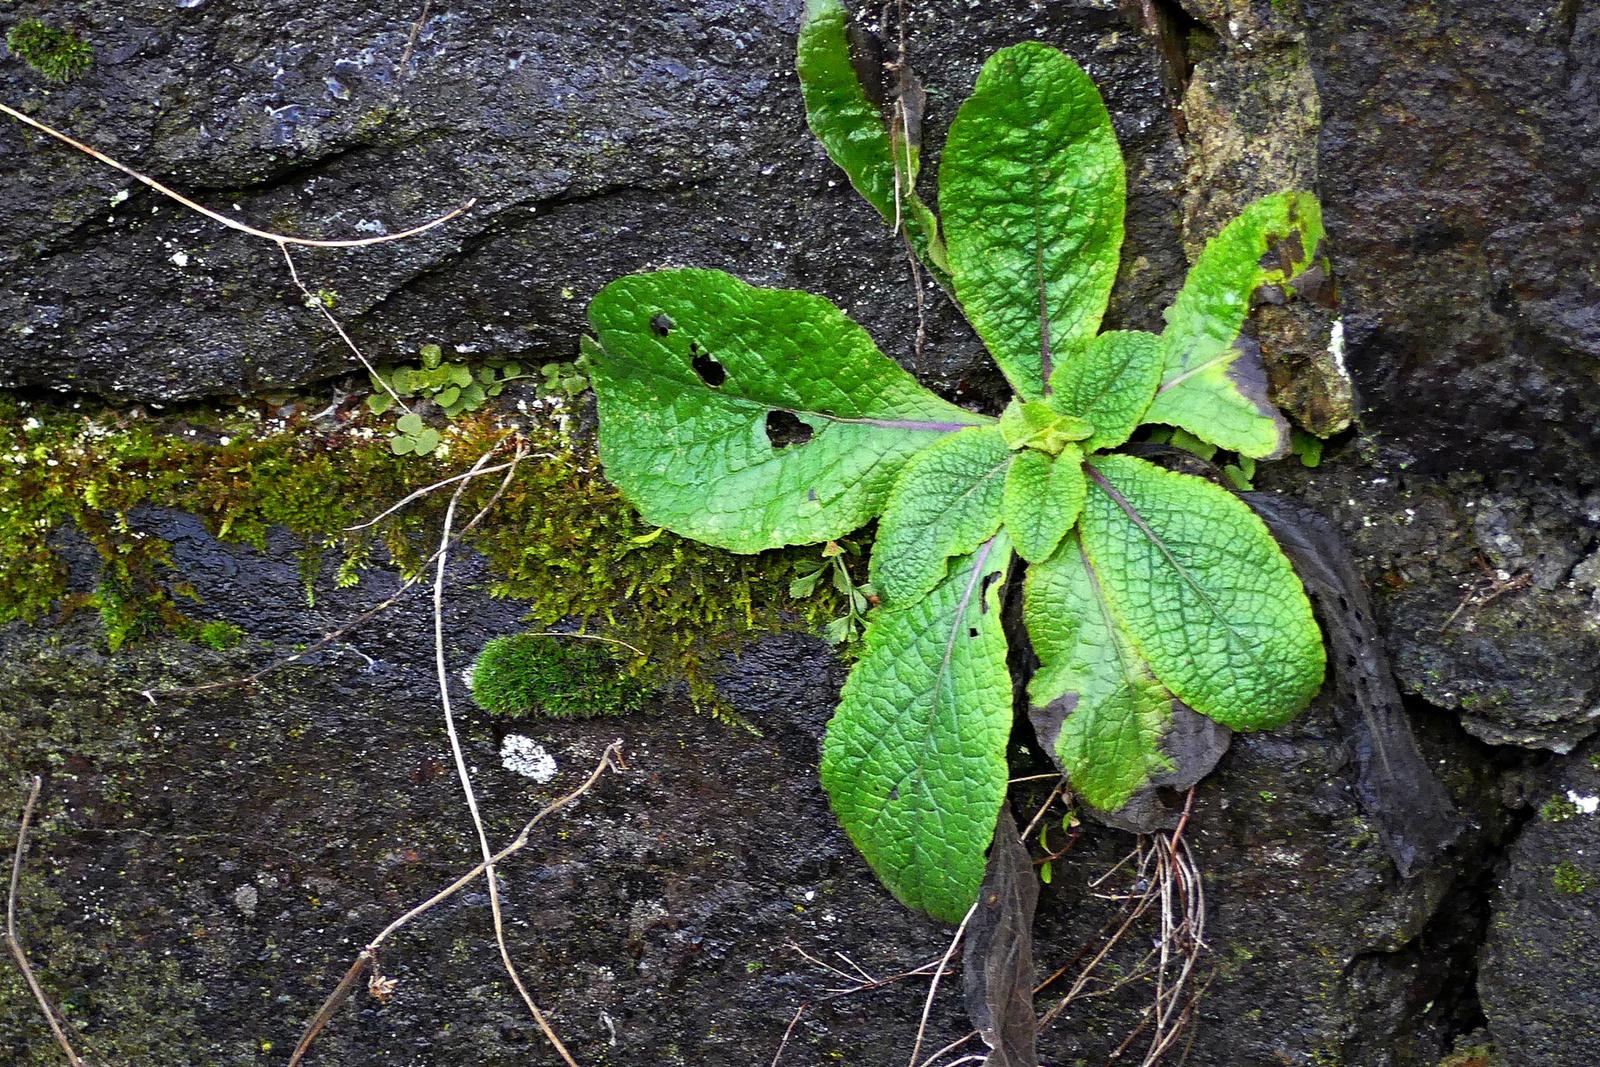 16 Zöld a kövek között